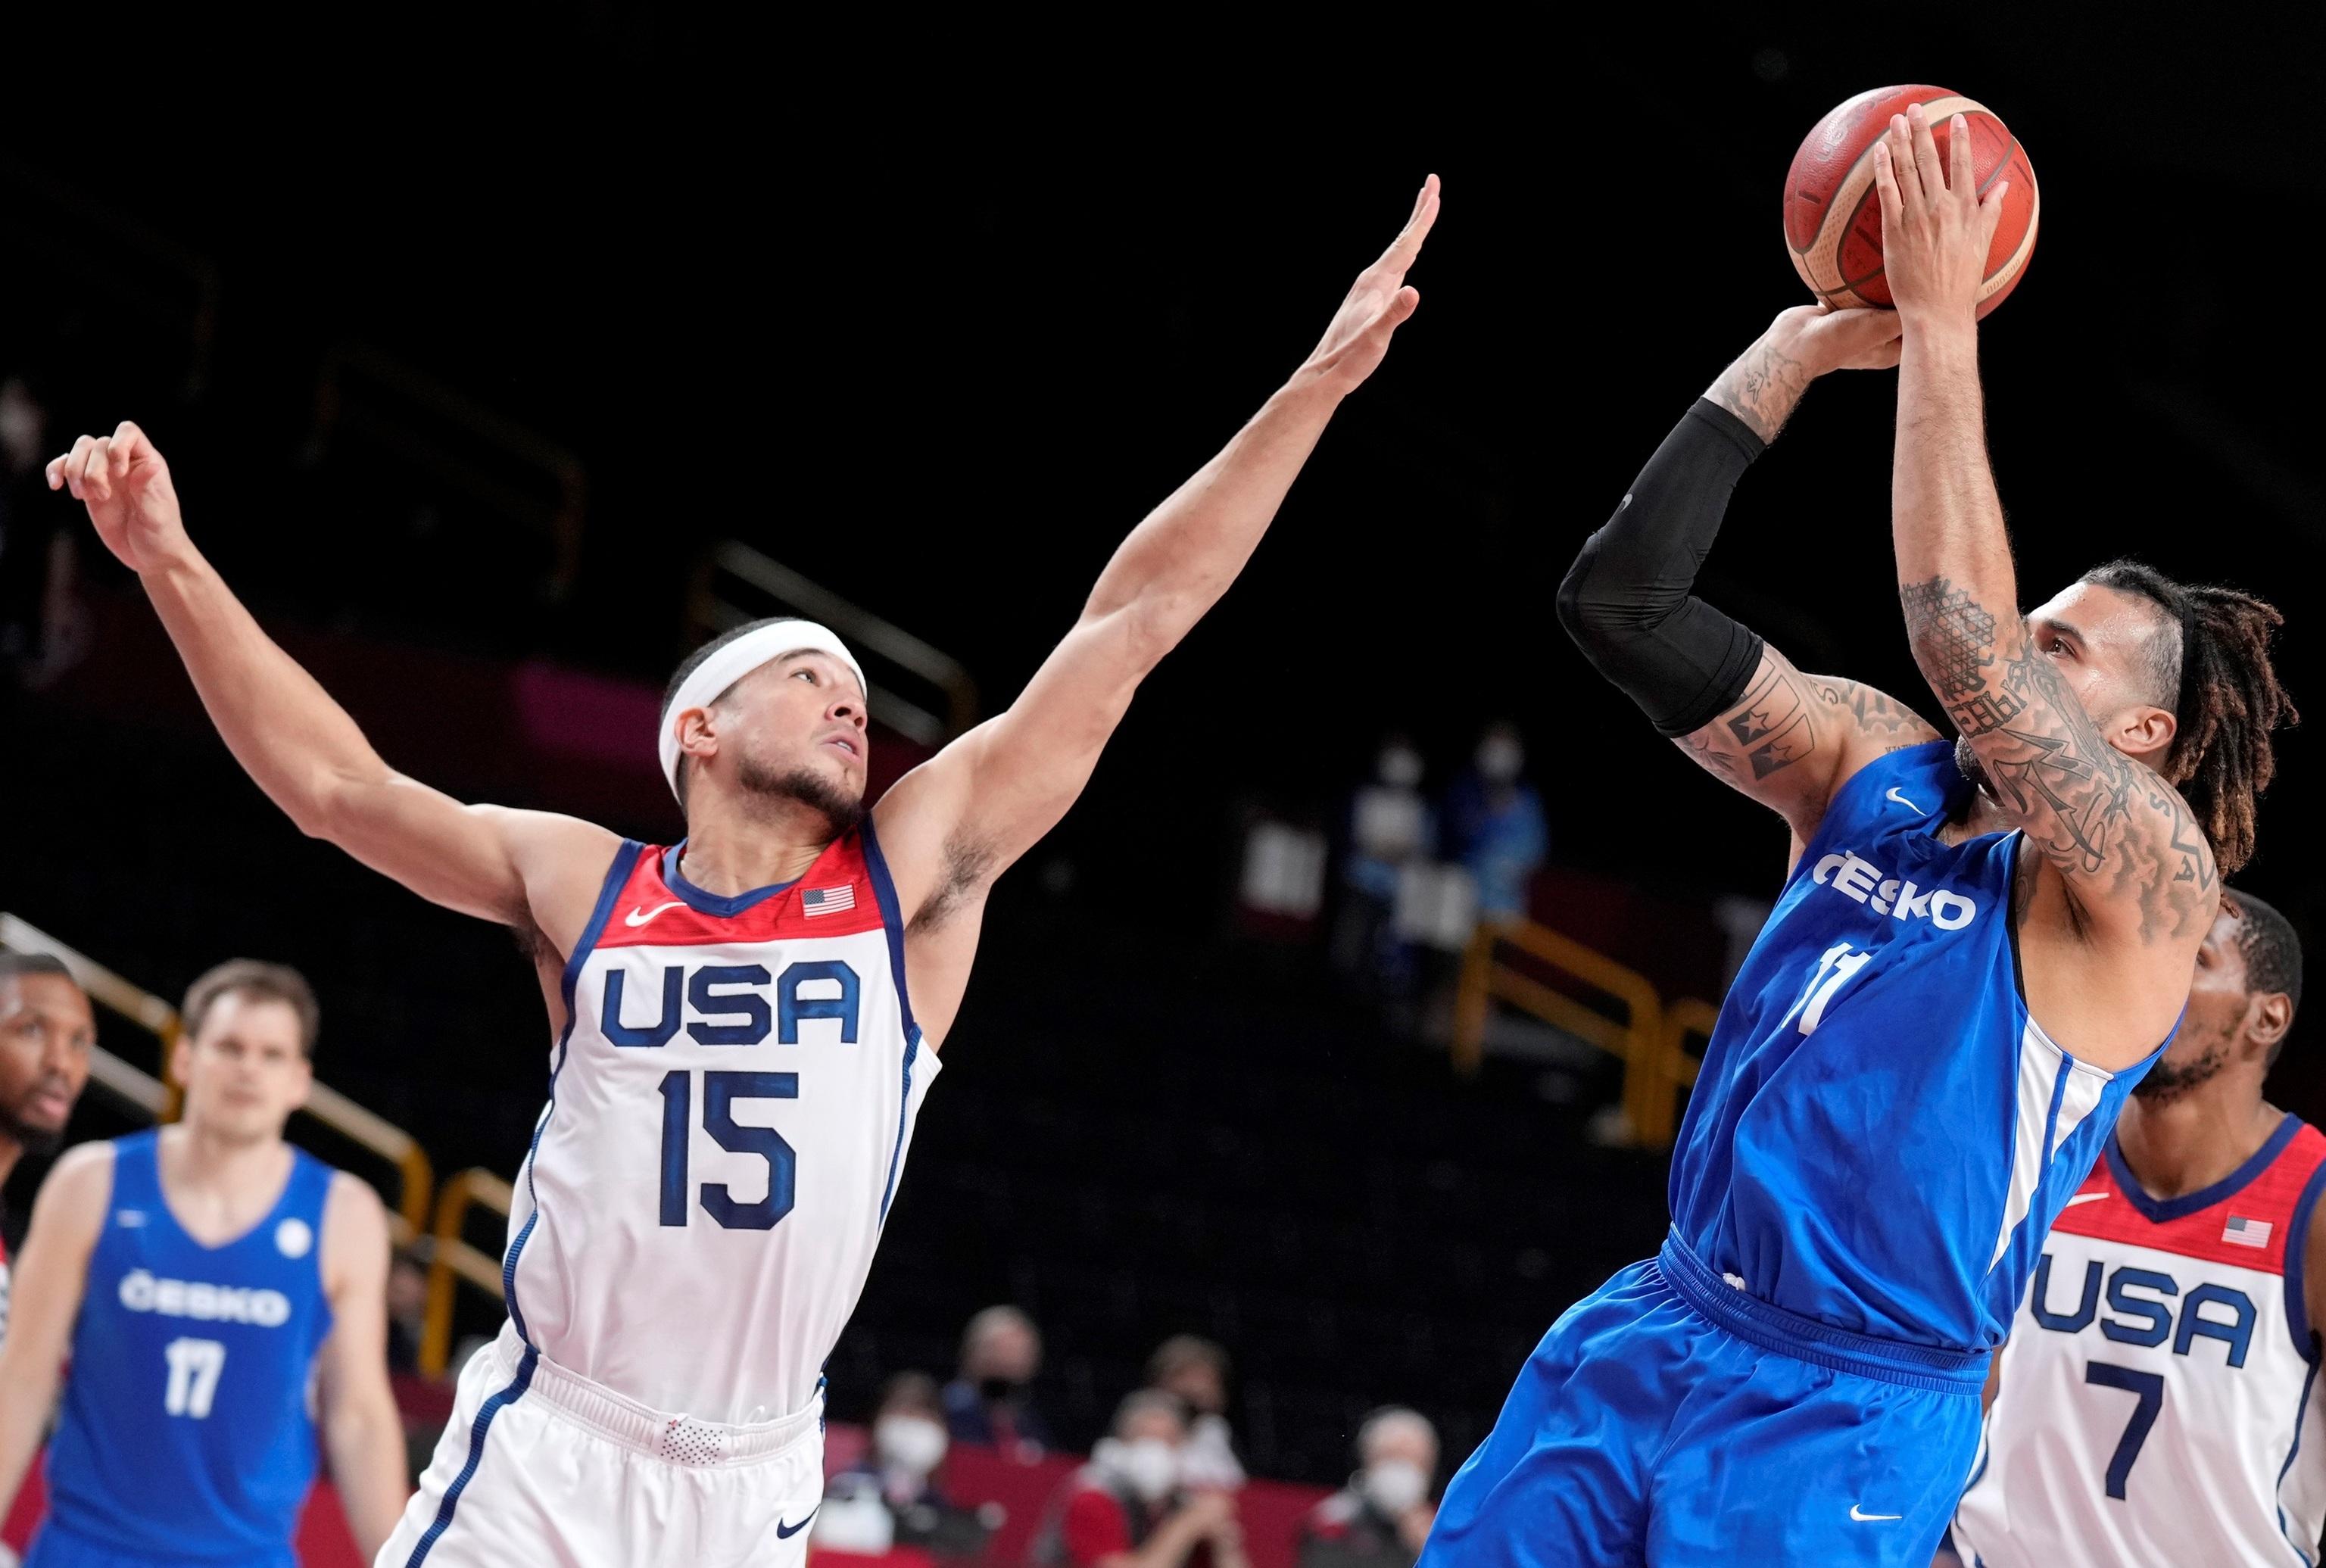 EEUU - baloncesto - Juegos Olímpicos 2021 - Tokio 2020